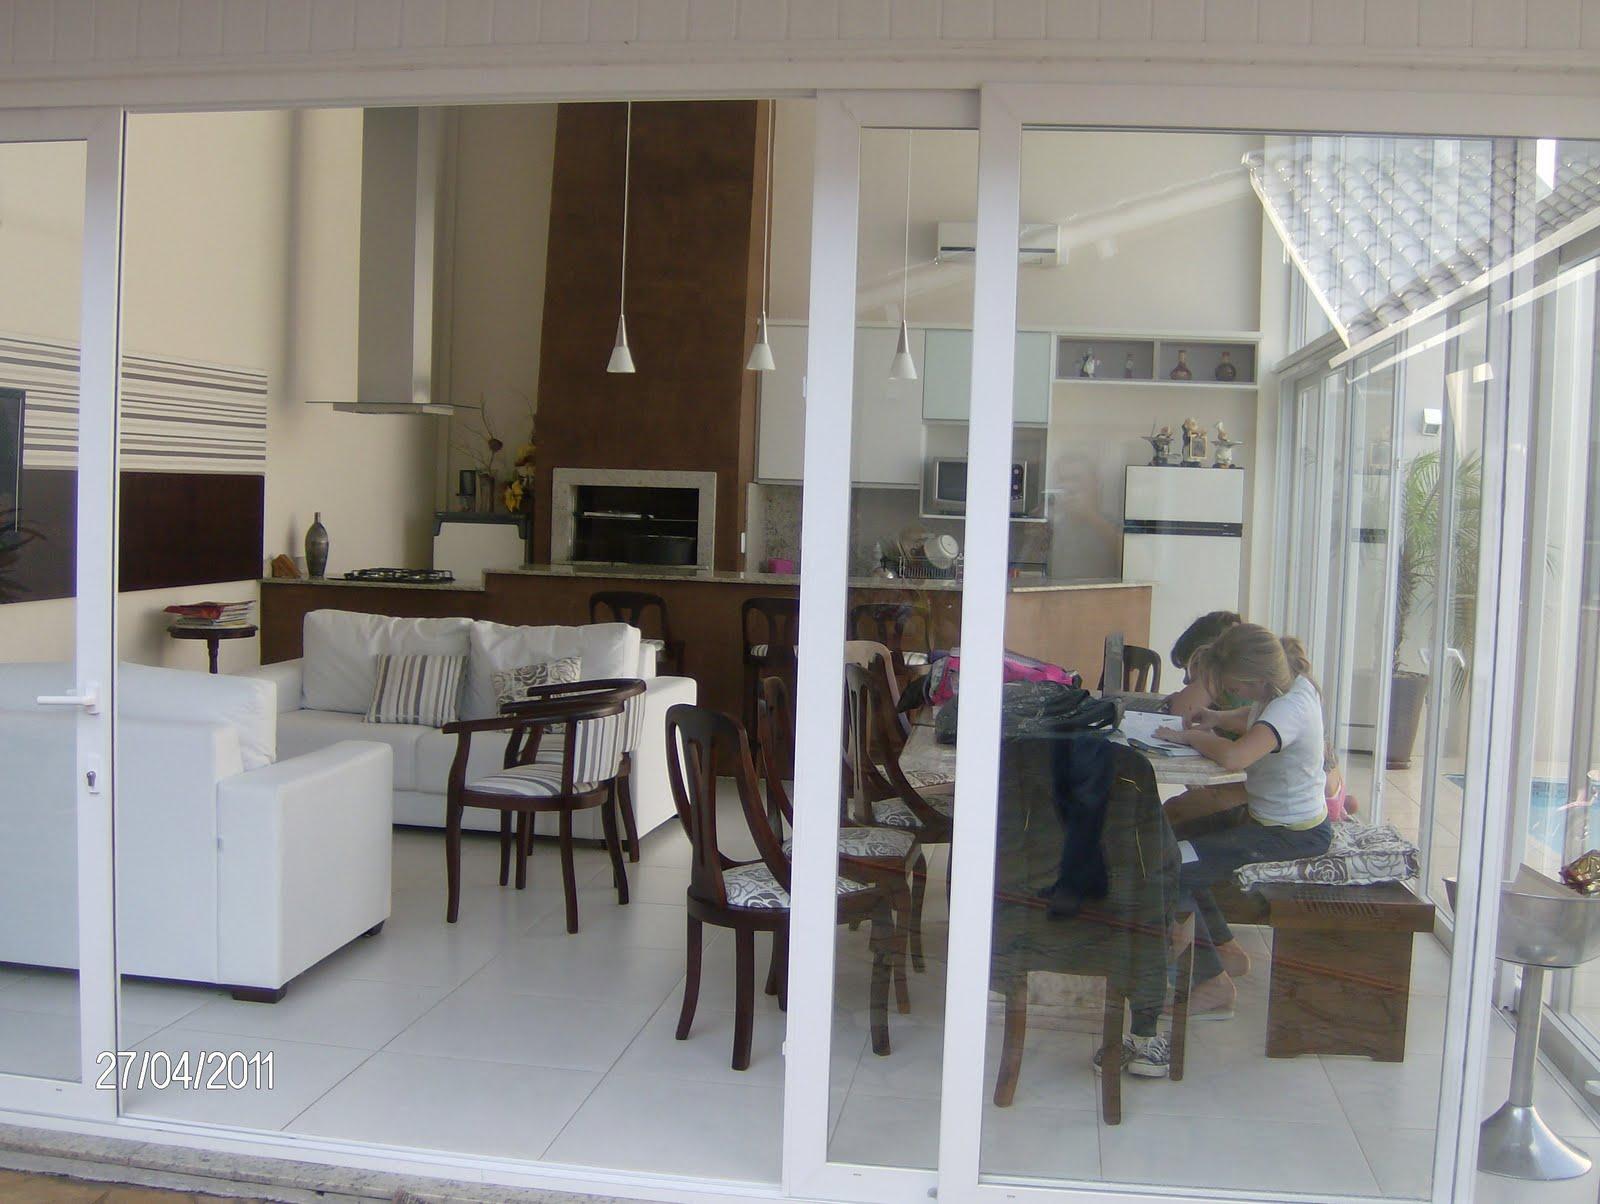 #5B4E40 Marcenaria Berger: cozinha externa/area de lazer 1600x1204 px Projeto De Cozinha Com Area De Lazer #2817 imagens